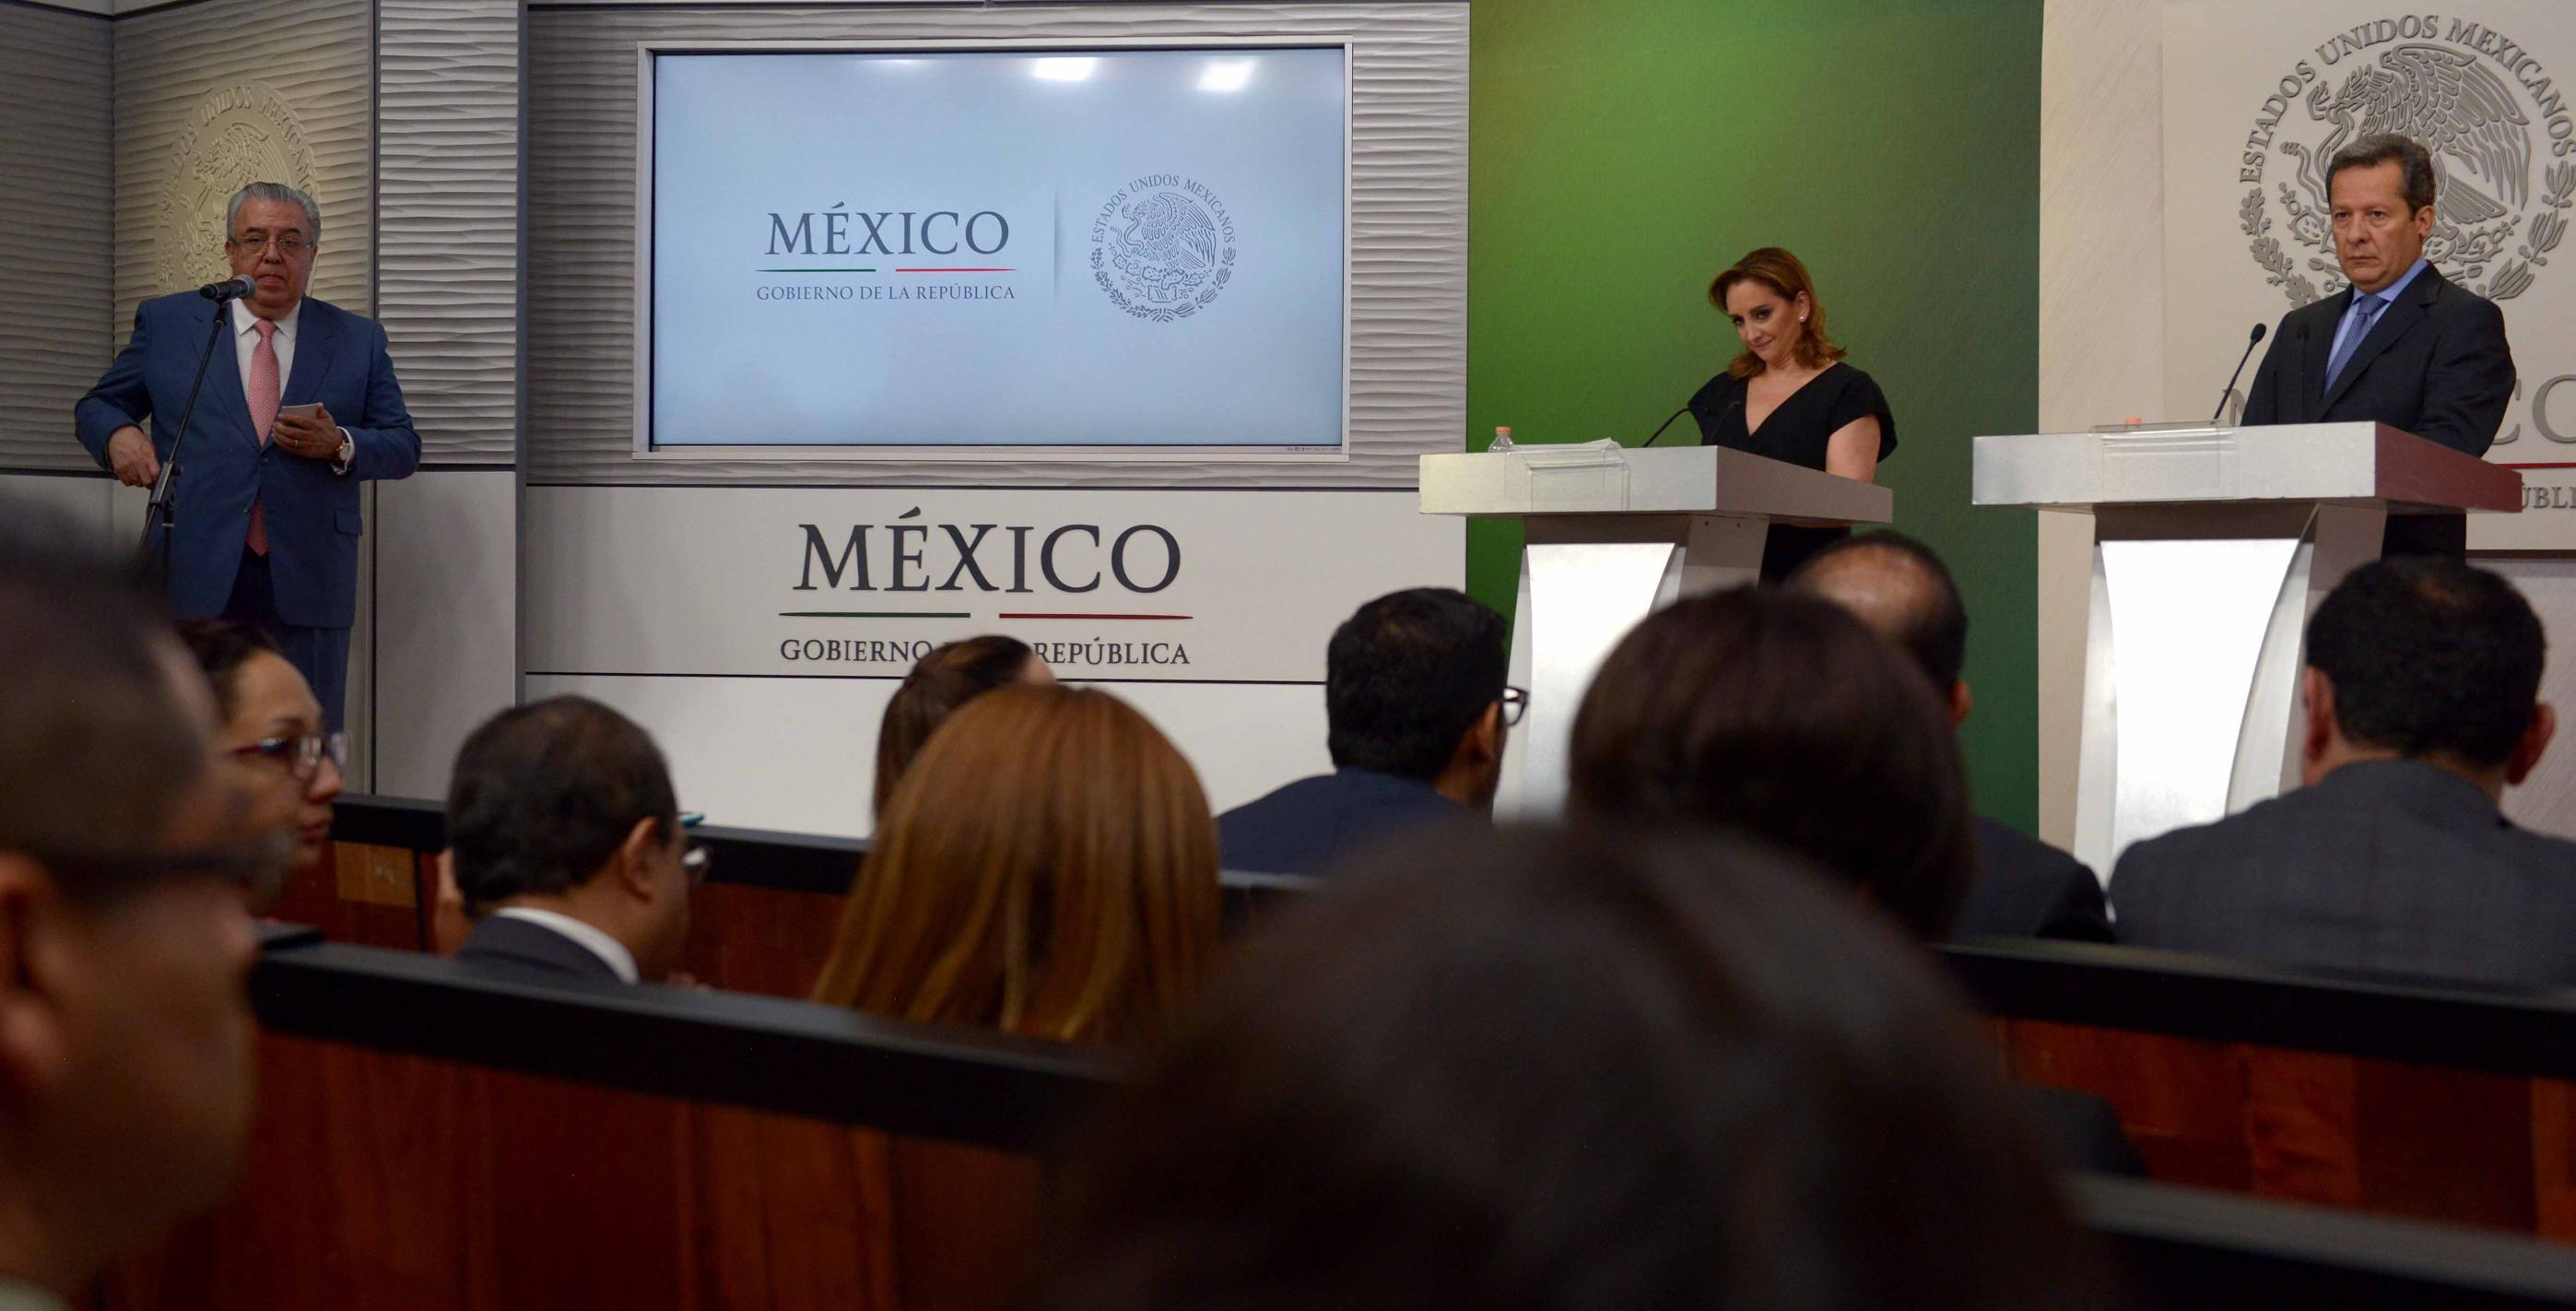 El Primer Mandatario acudirá a la toma de posesión del nuevo Presidente de Perú, Pedro Pablo Kuczynski y realizará una Visita de Estado a Argentina con el objetivo relanzar y vigorizar la relación bilateral.